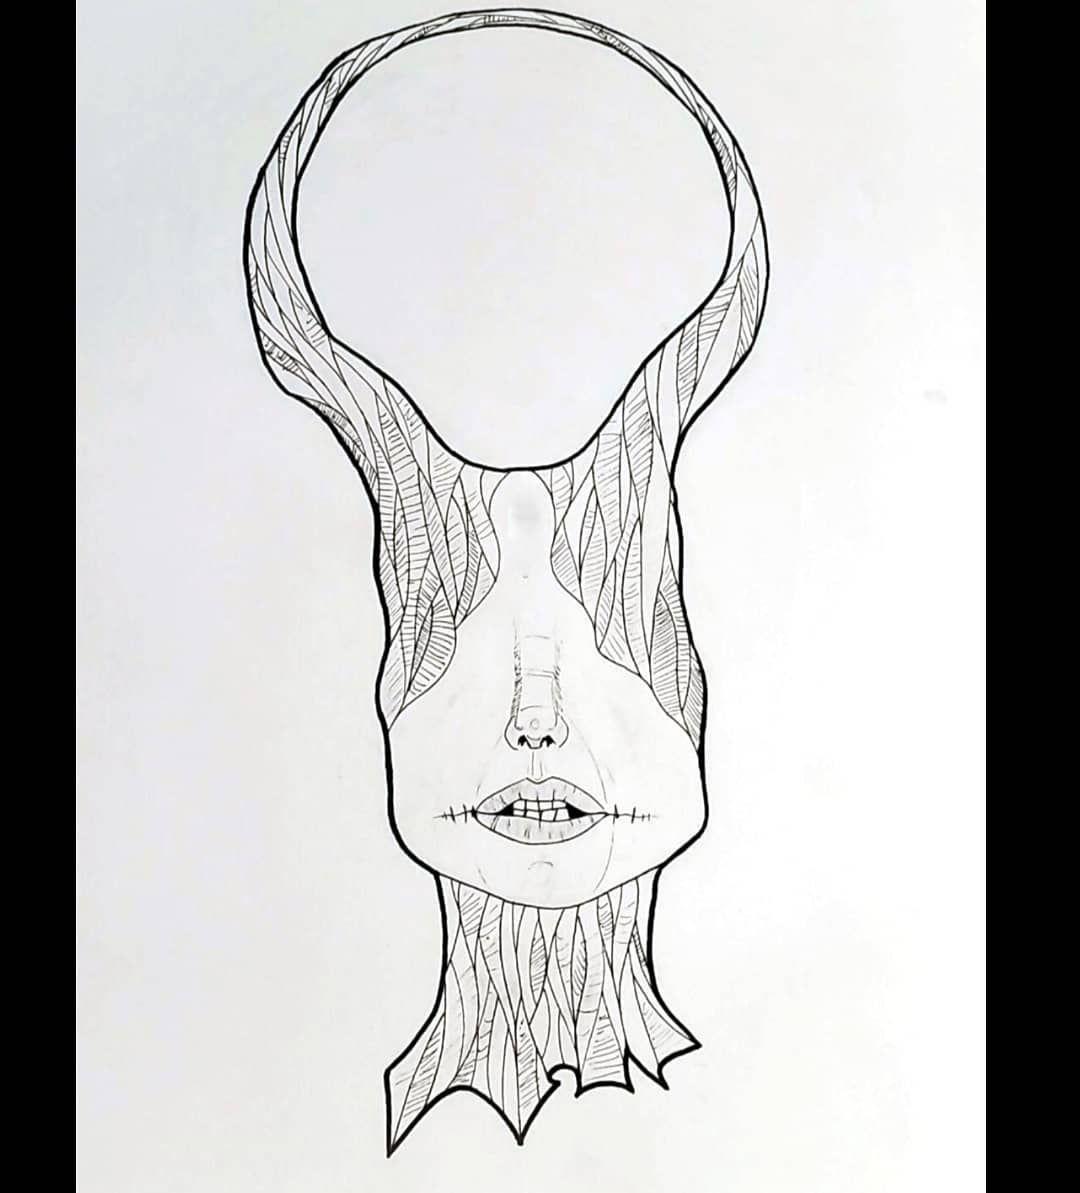 Defiance #art #artwork #blackandwhite #arts #macabre #micron #illustration #weird #weirdart #darkart #face #lips #detail #drawing #traditonalart